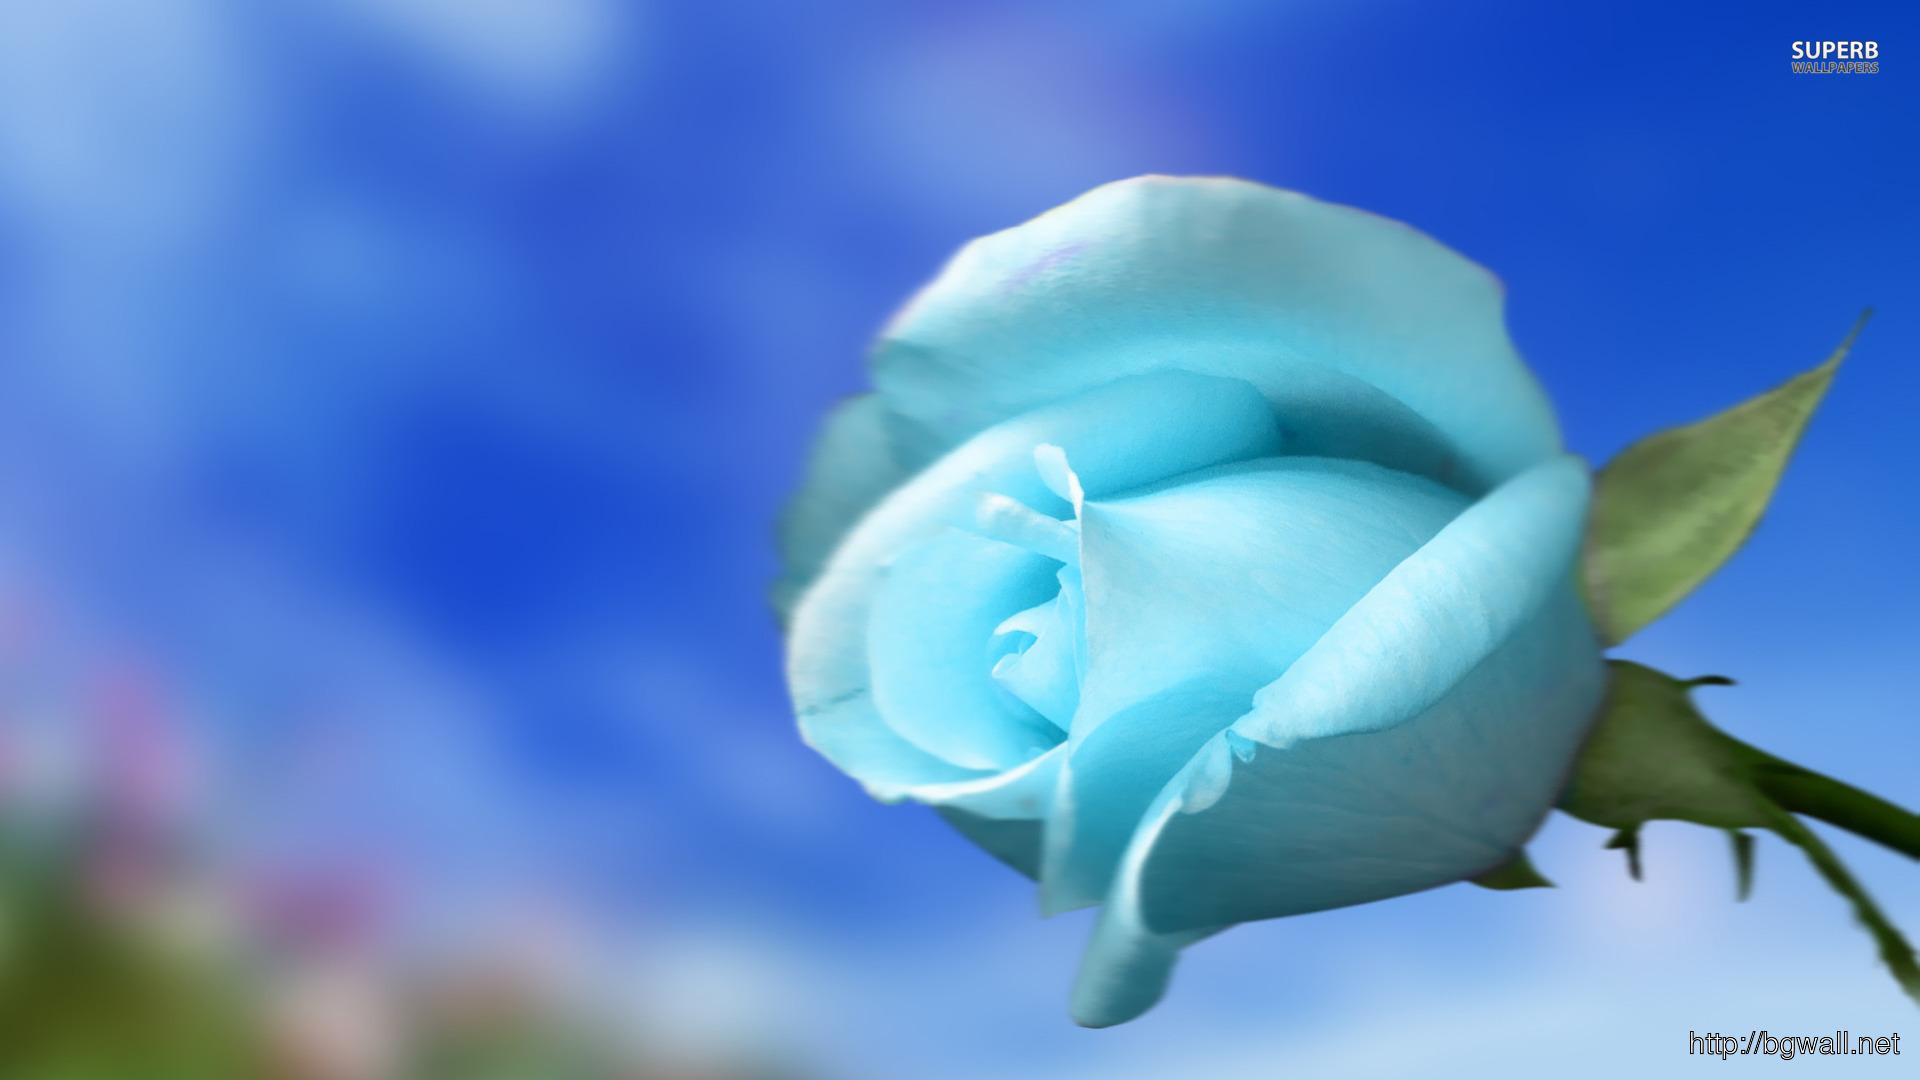 Sky Blue Rose Wallpaper Full Size